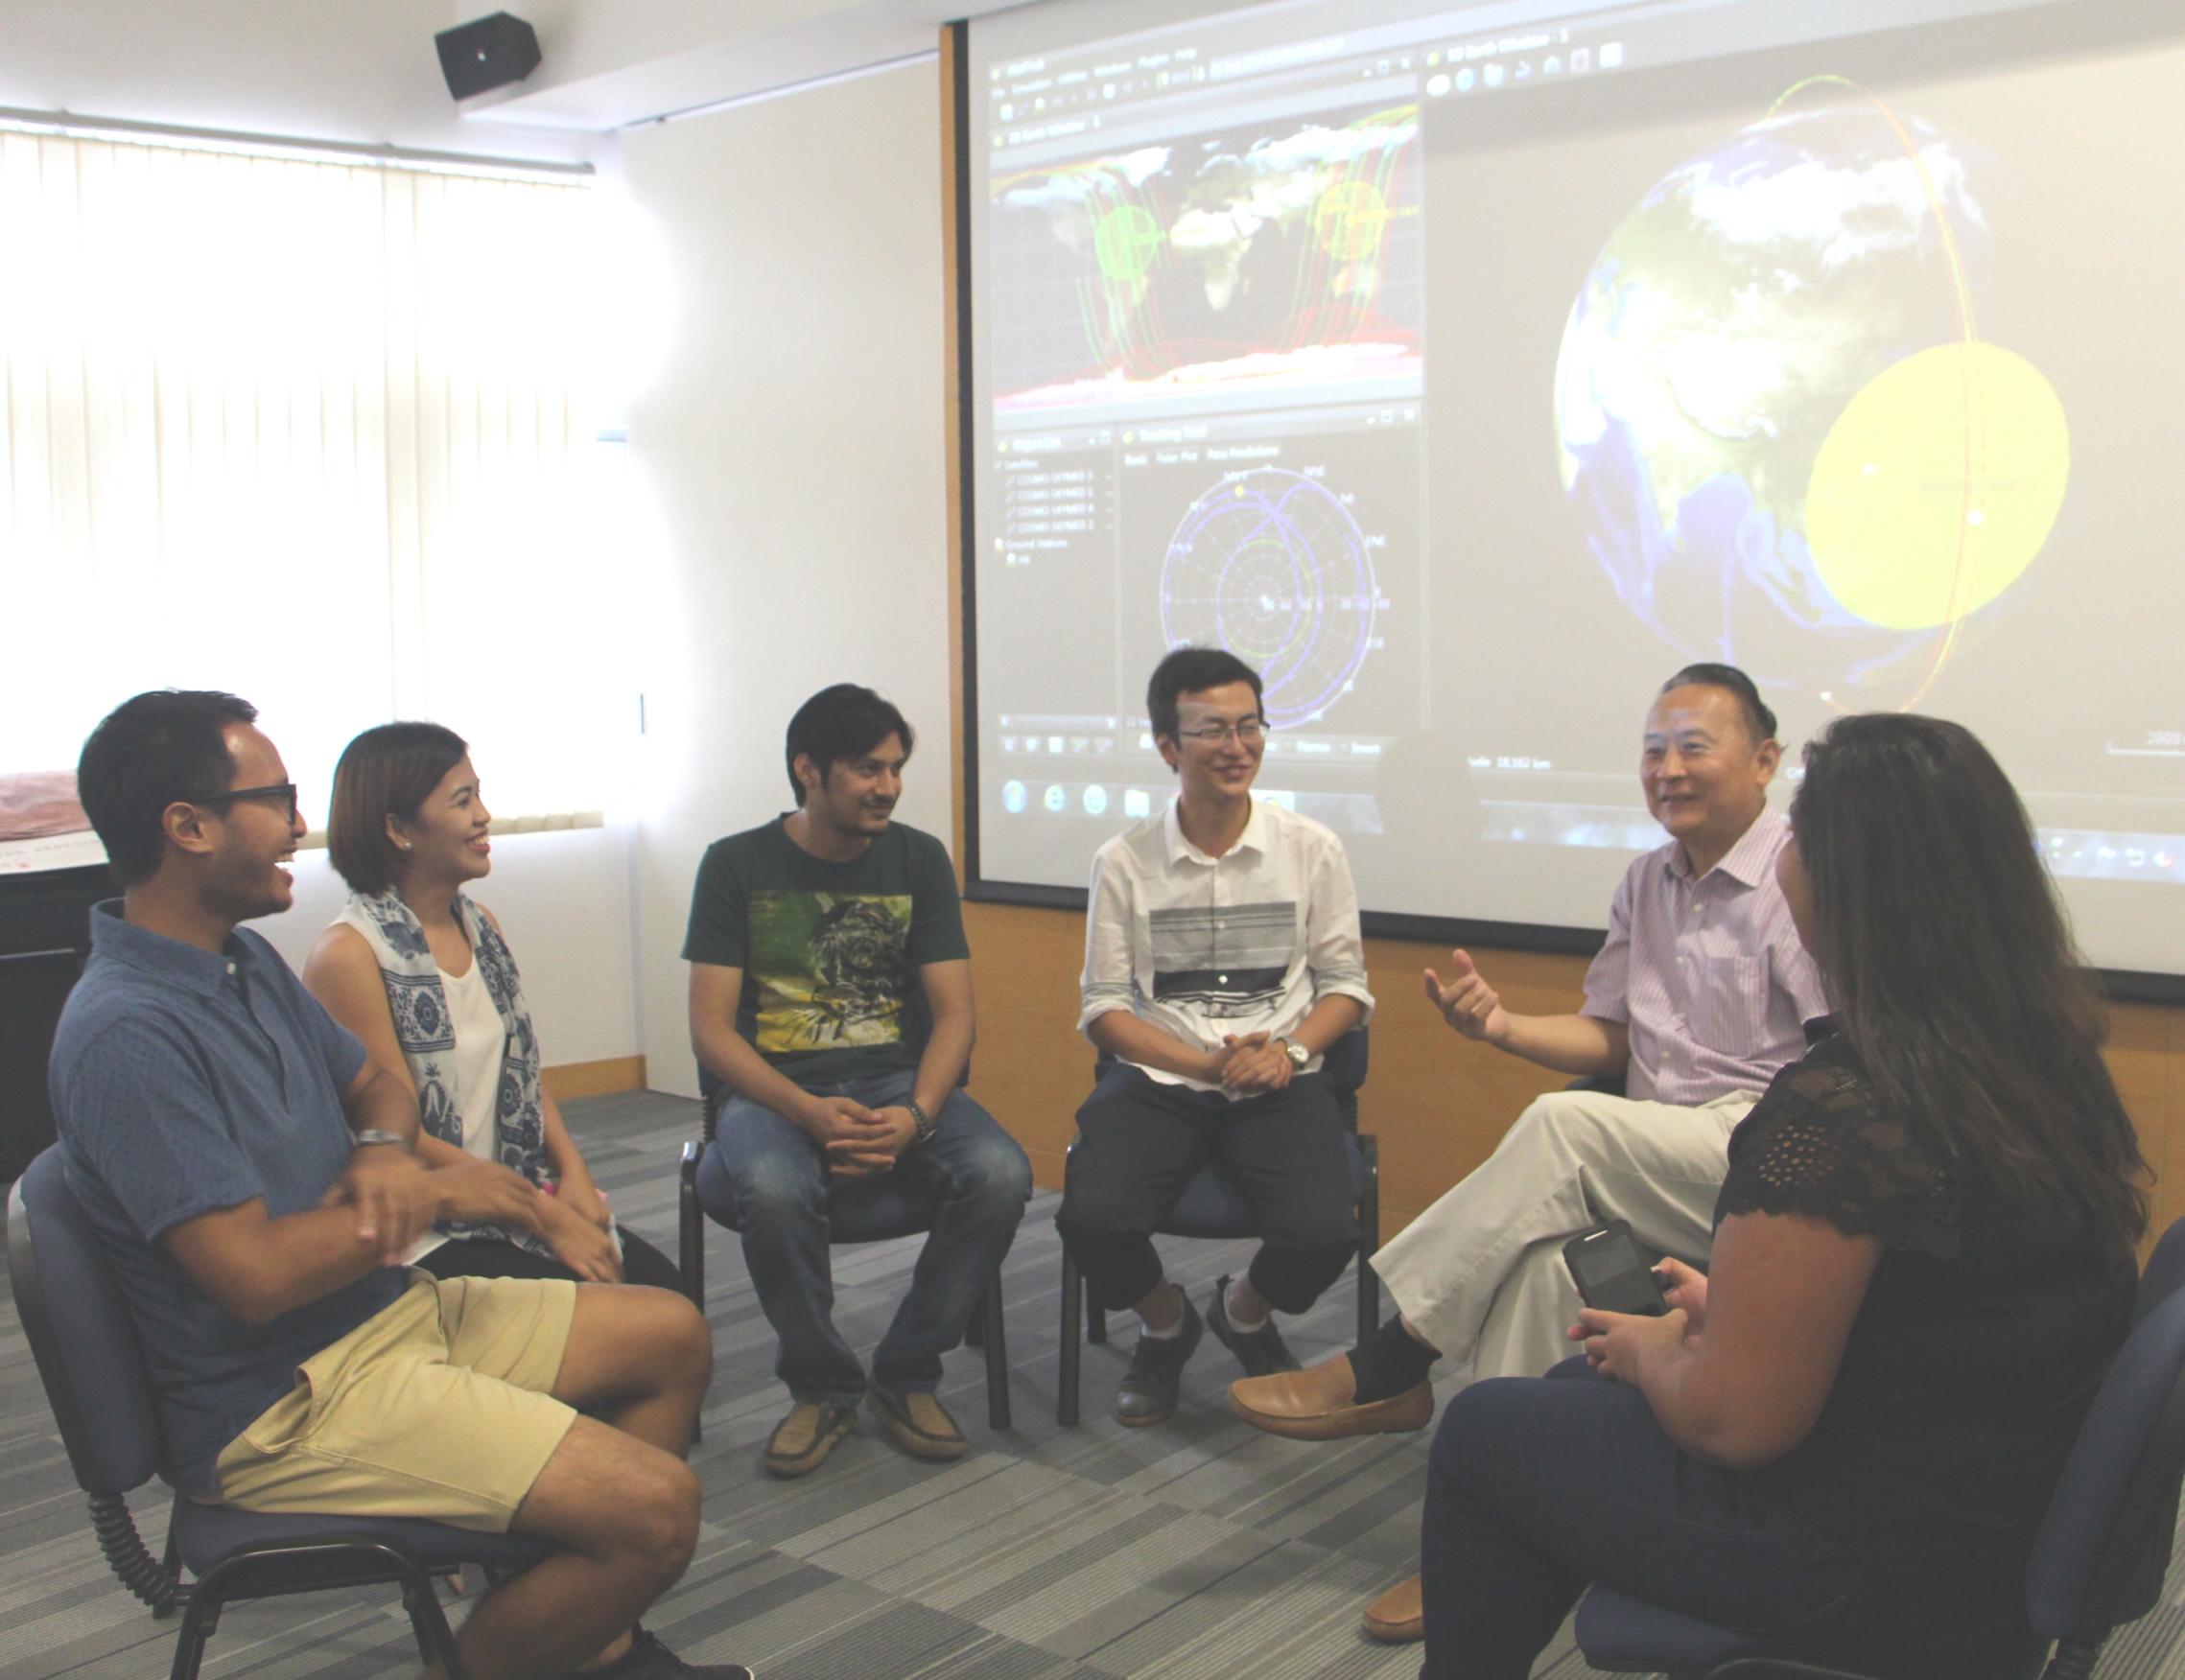 中大太空所所長林琿教授(右二)與獲聯合國資助到中大進修的國際生談話。